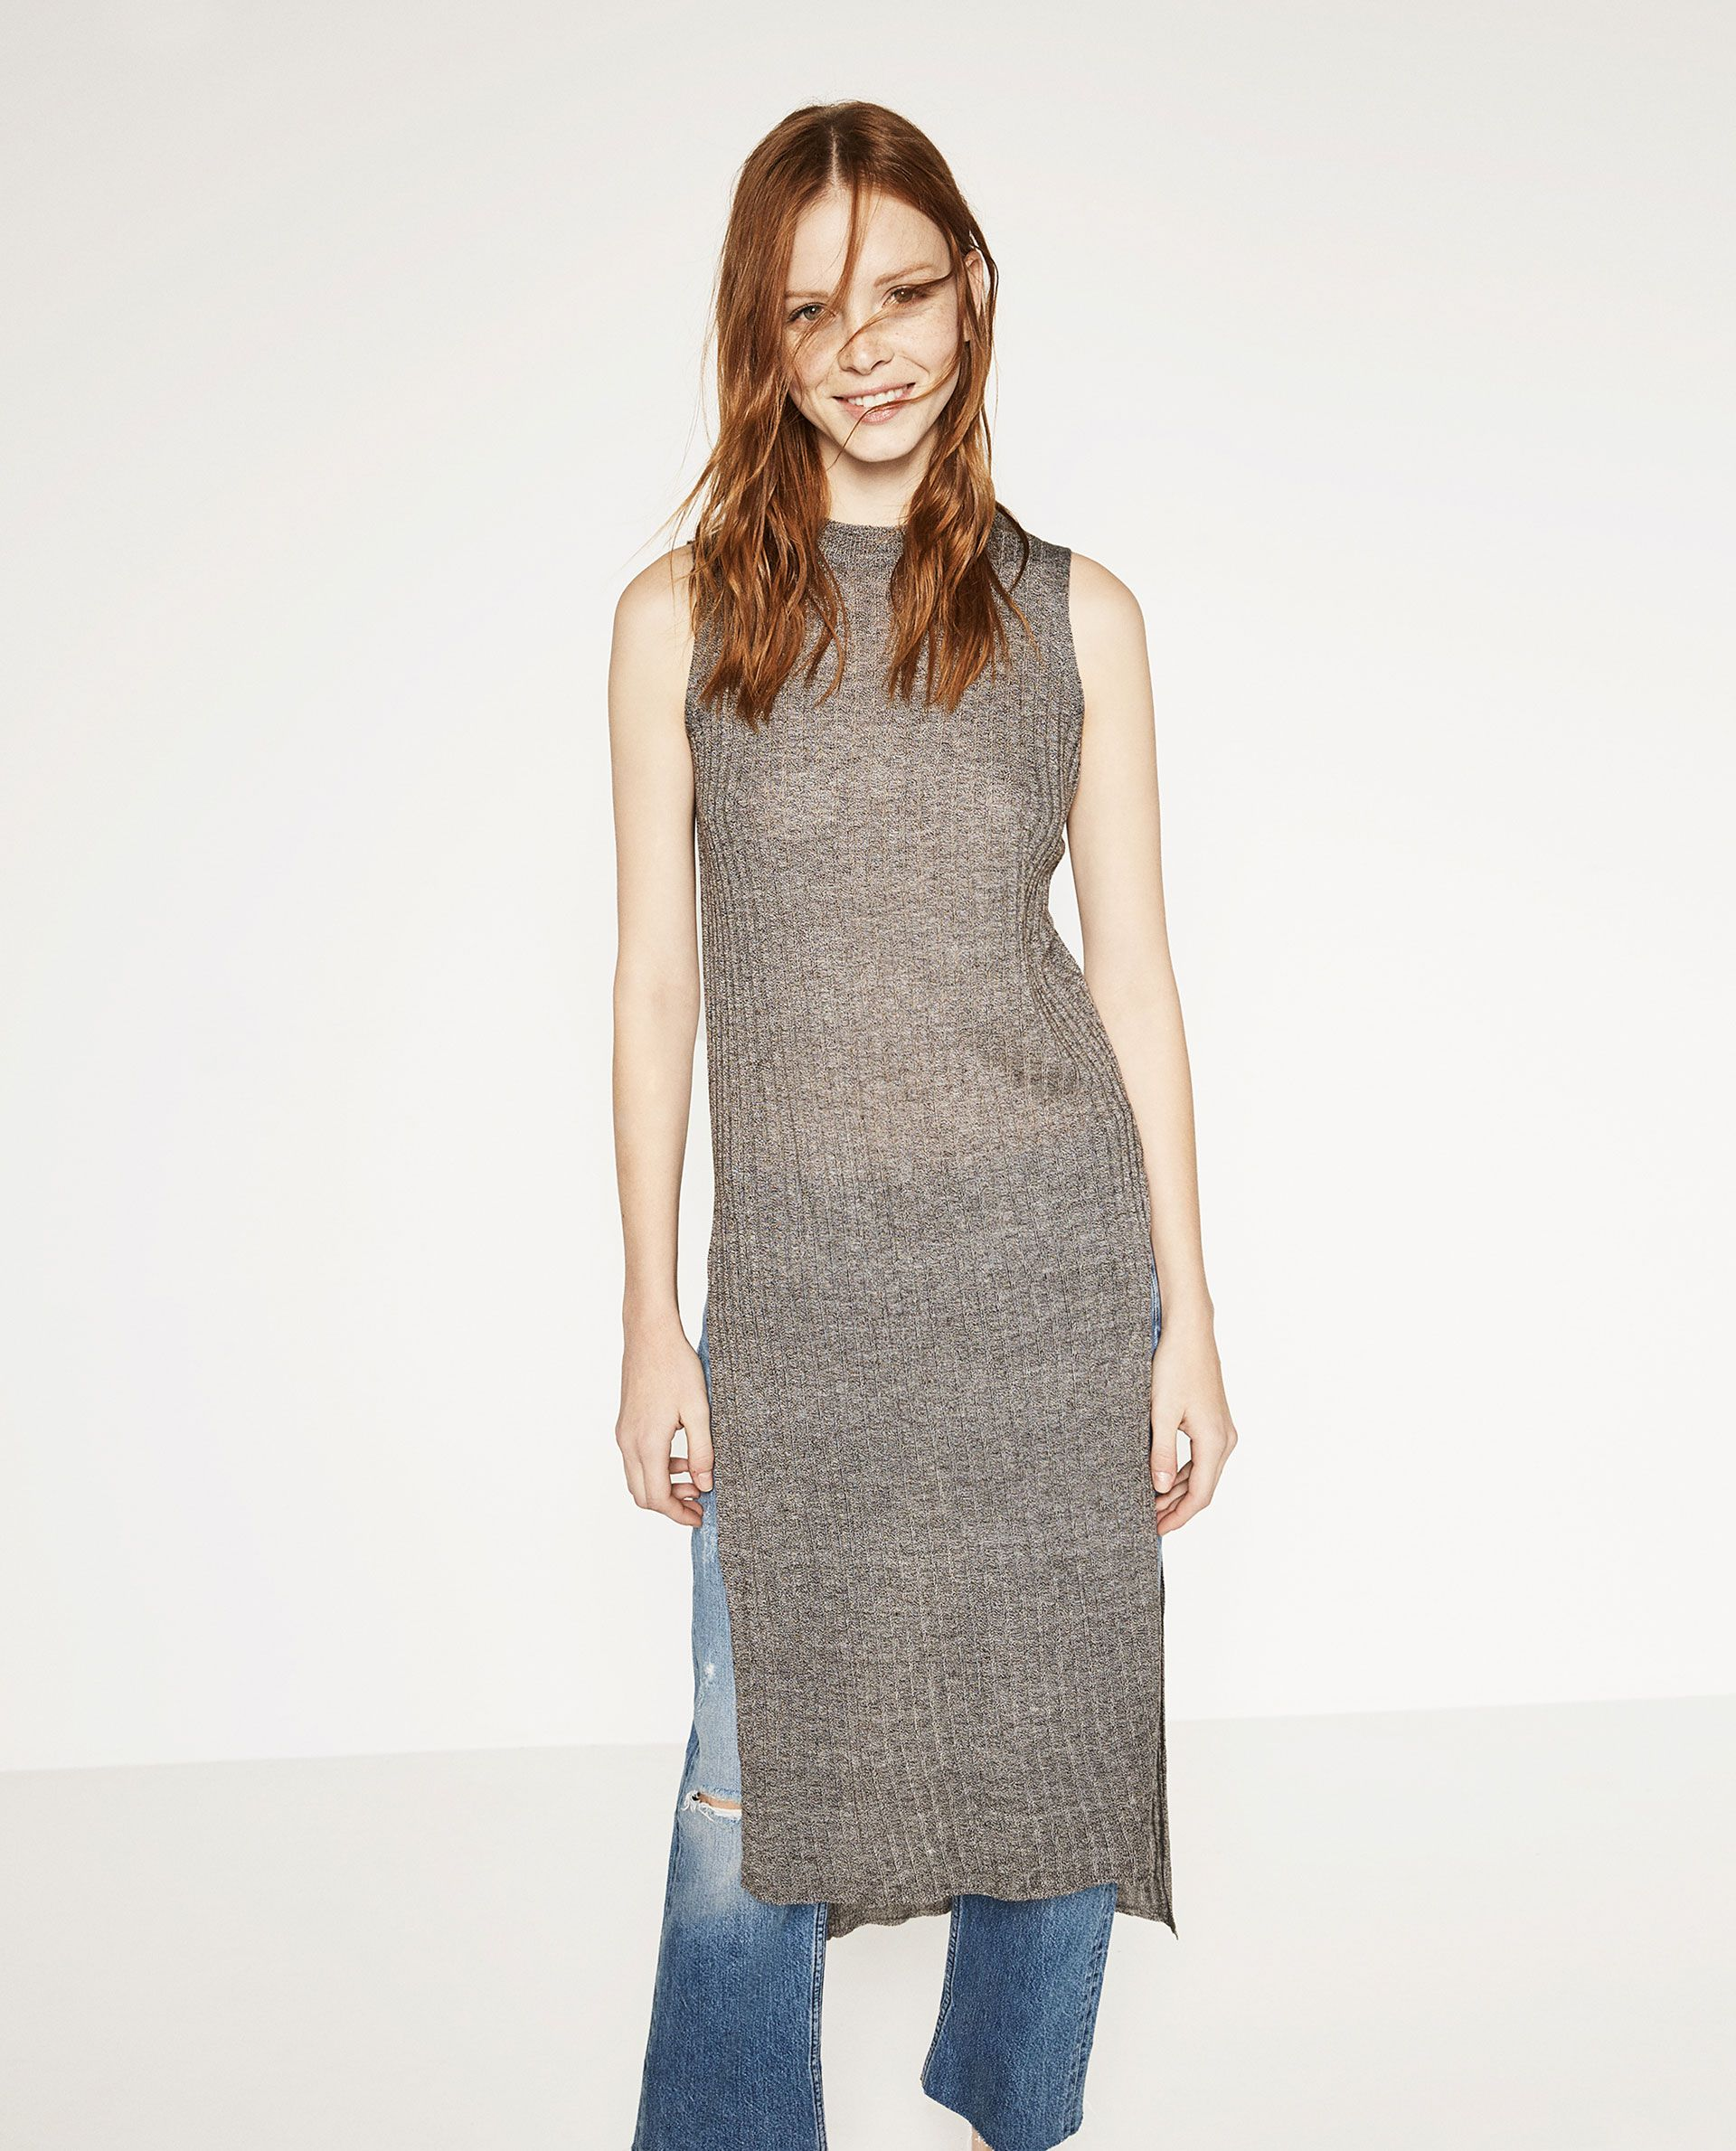 7666388a58 View all-WOMAN-NEW IN   ZARA Ukraine   Zara   Dresses, Fashion, Zara